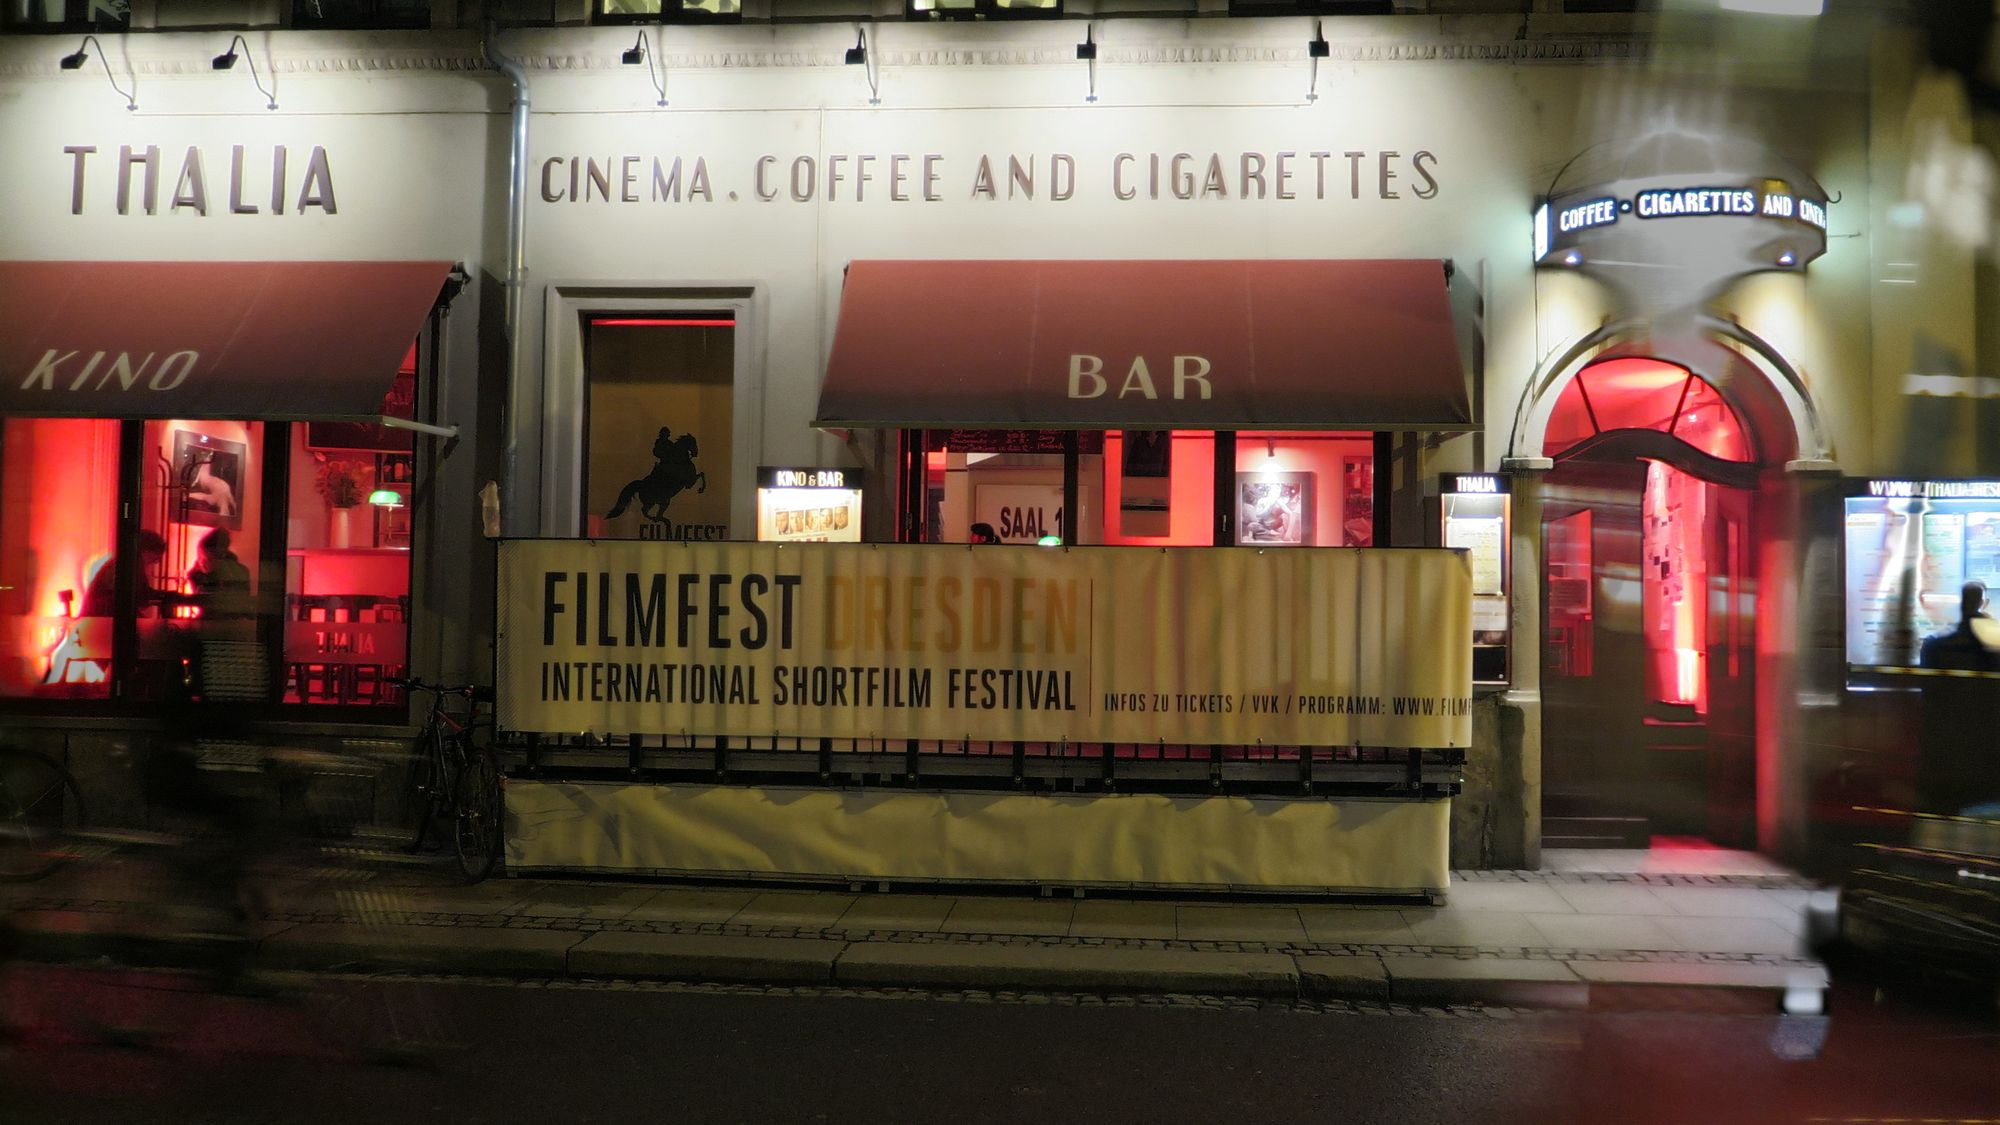 Filmfest auch im Thalia